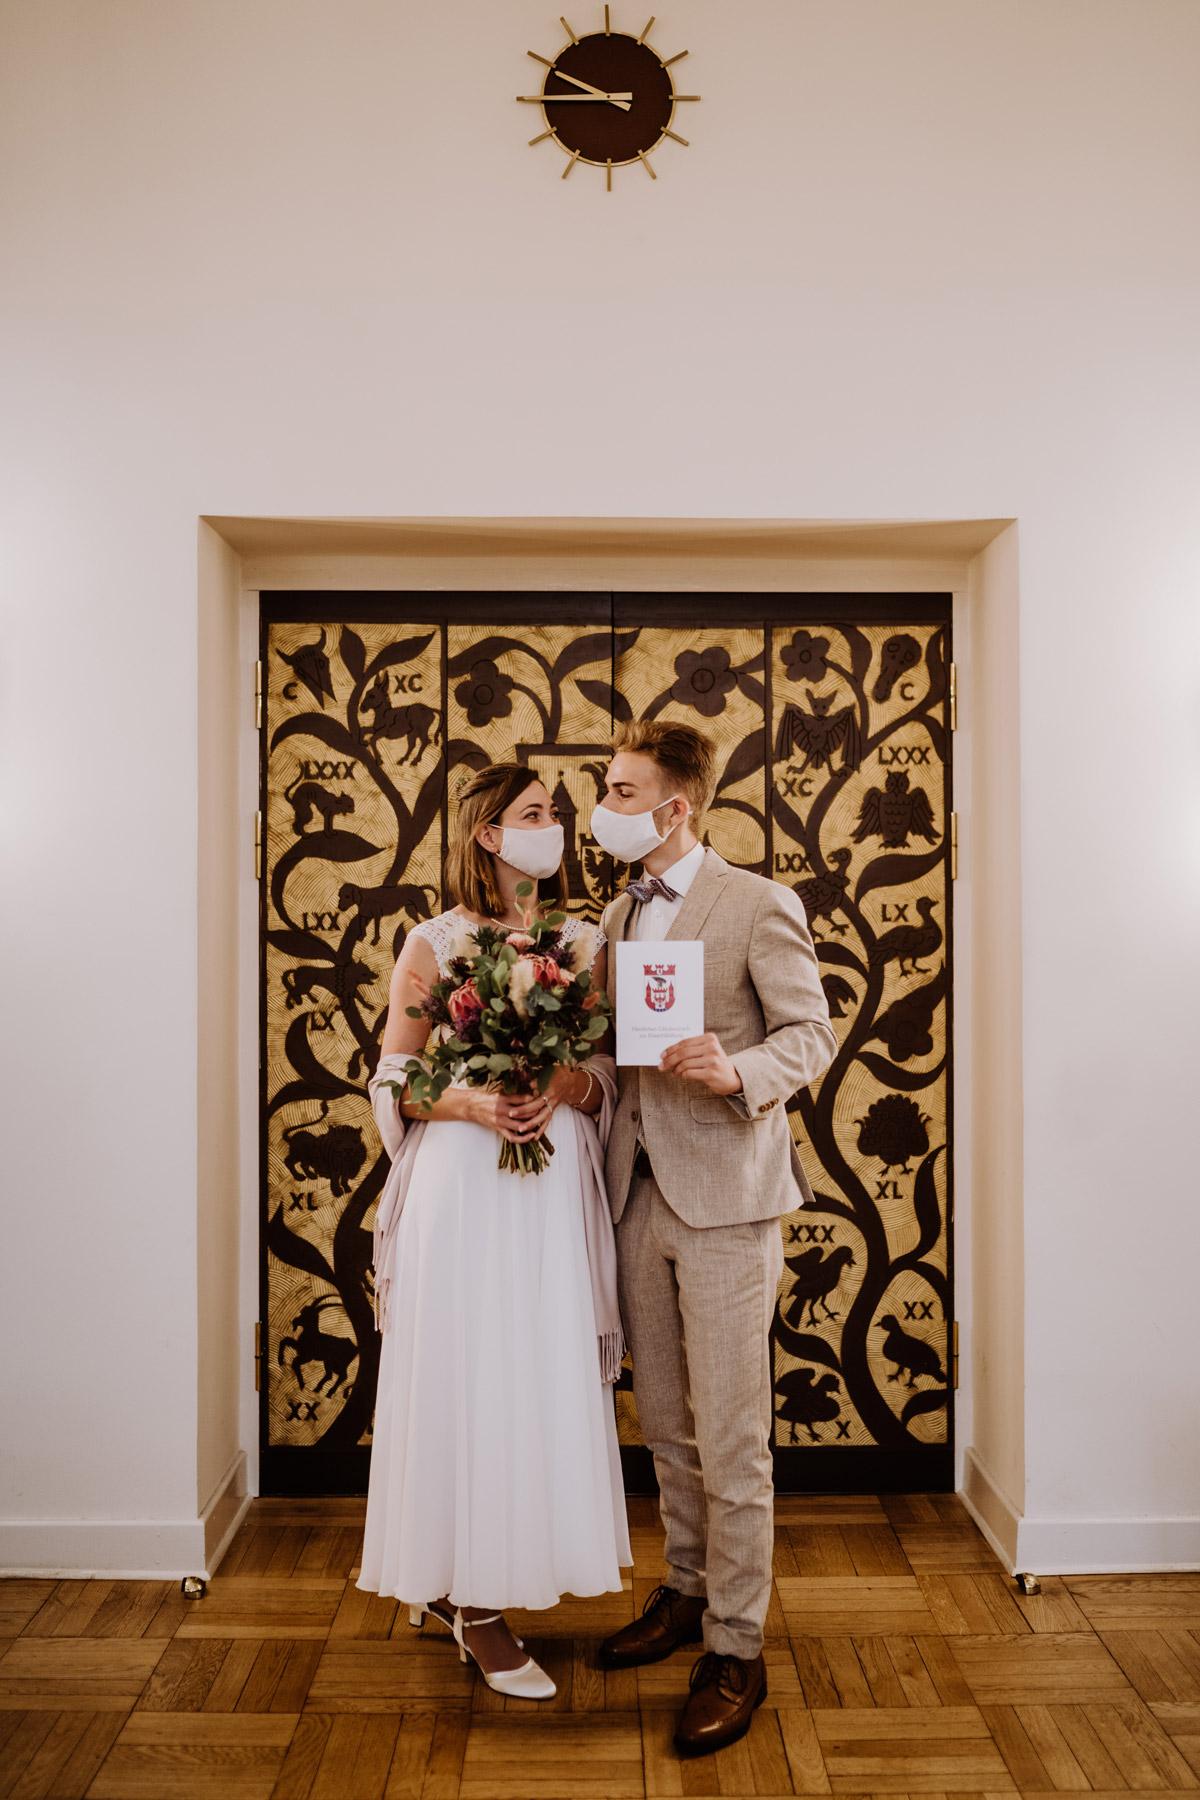 Standesamt Spandau Berlin: Das Brautpaar heiratet standesamtlich in der Corona Pandemie in einem Elopement allein zu zweit. Der Hochzeitsfotograf hat das Standesamtfoto trotz Hochzeitspaar mit Covid-19 Masken direkt nach der Trauung erstellt. © www.hochzeitslicht.de #hochzeitslicht